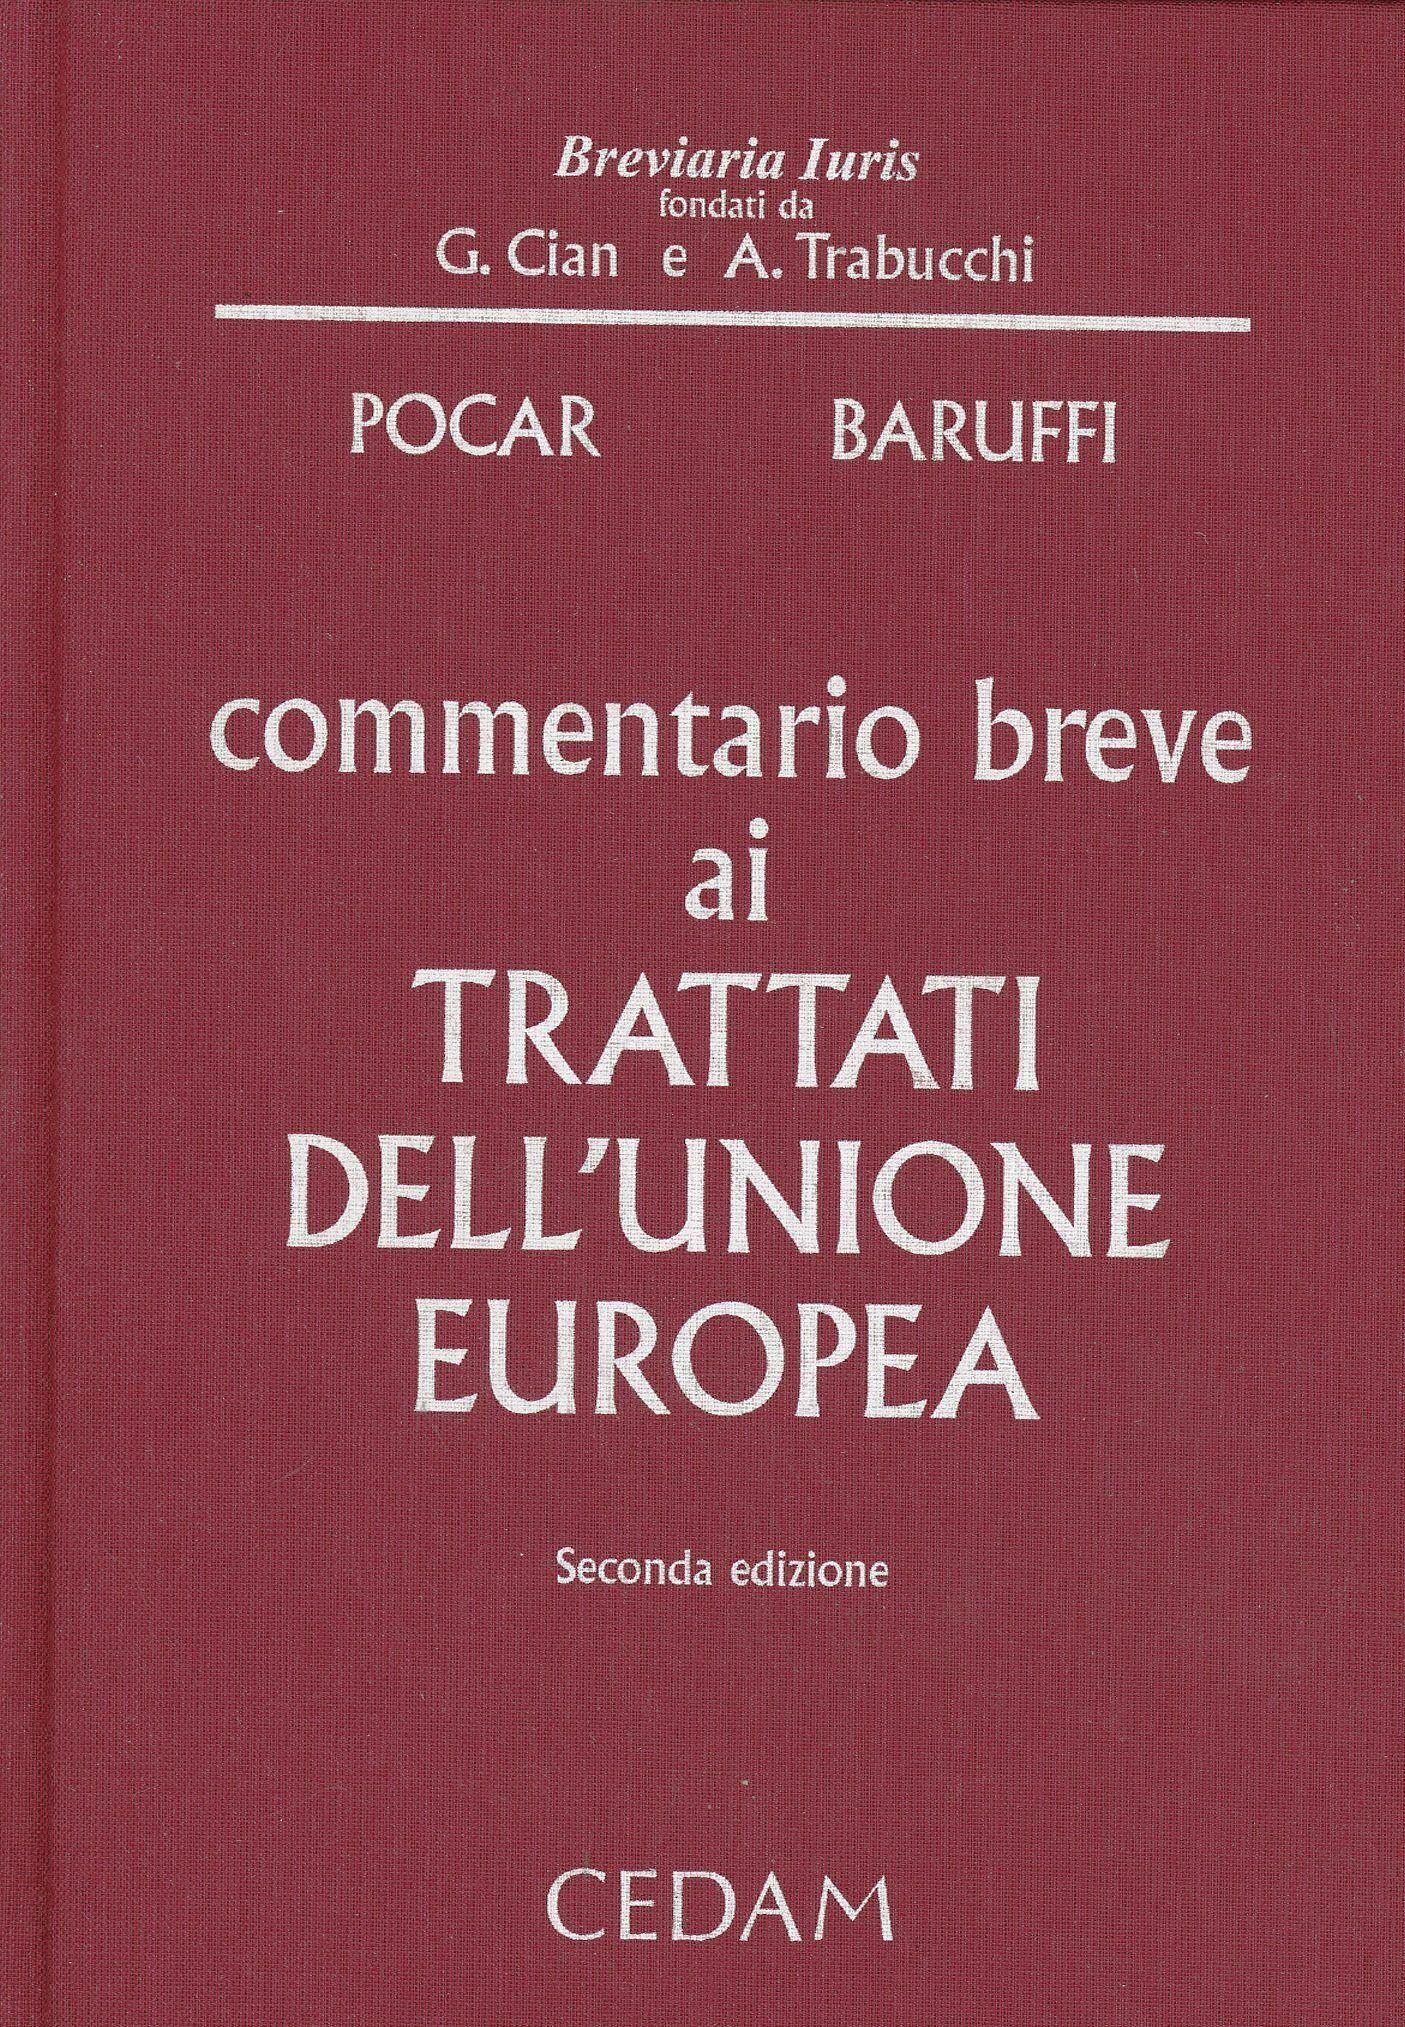 Commentario breve ai trattati dell'unione europea